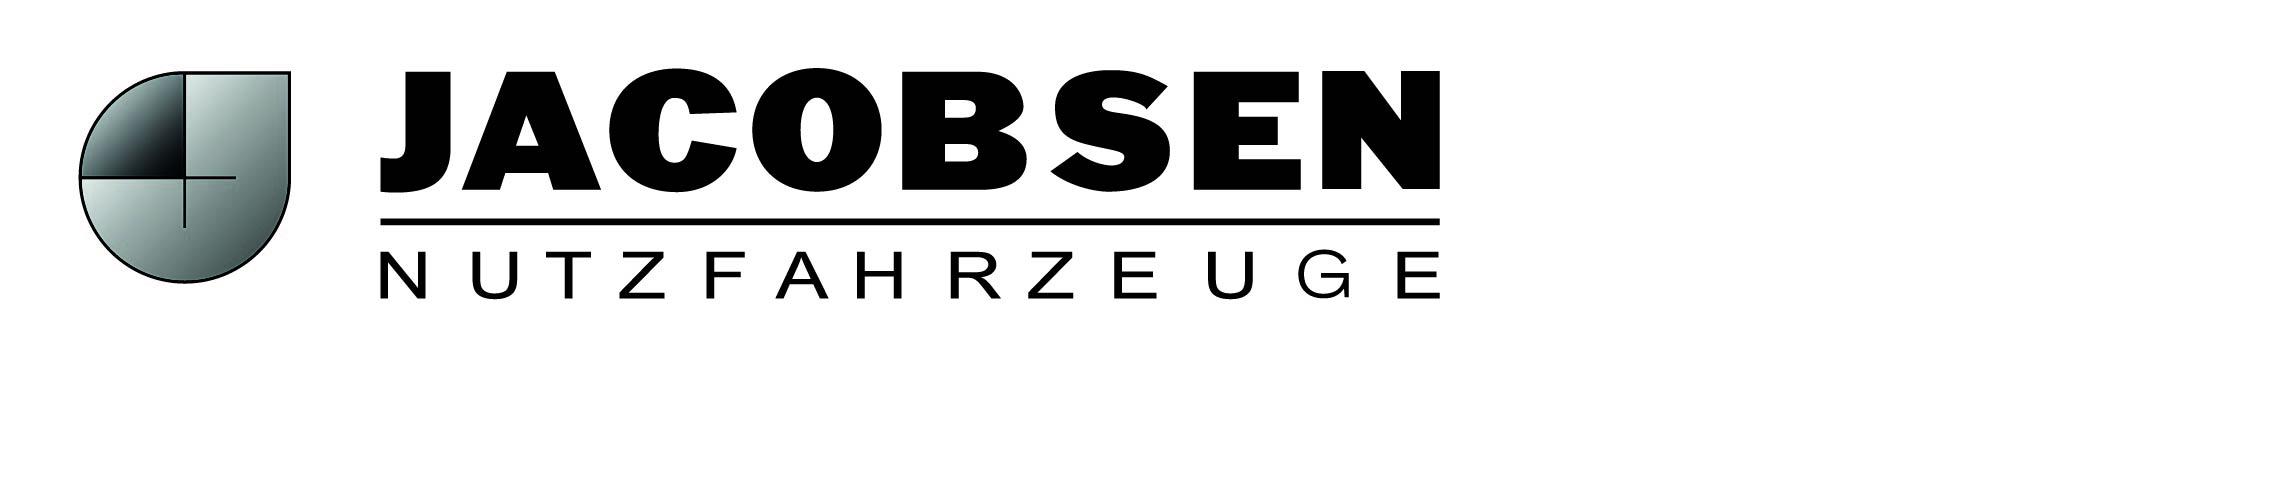 Jacobsen Nutzfahrzeuge